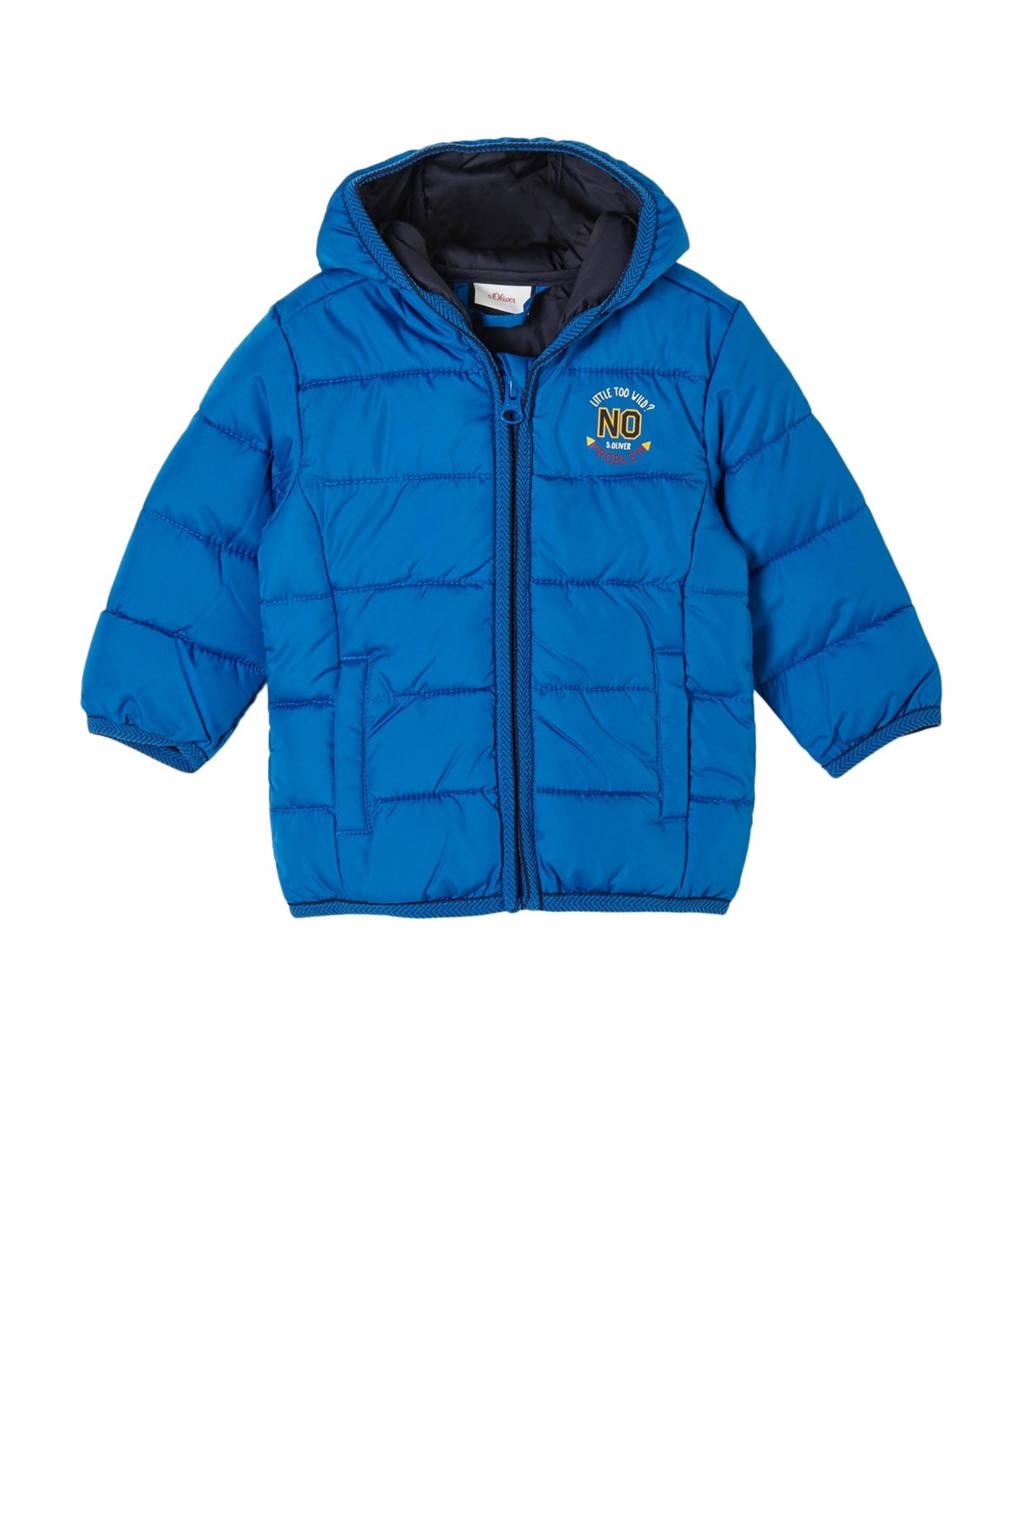 s.Oliver baby gewatteerde winterjas met printopdruk blauw, Blauw